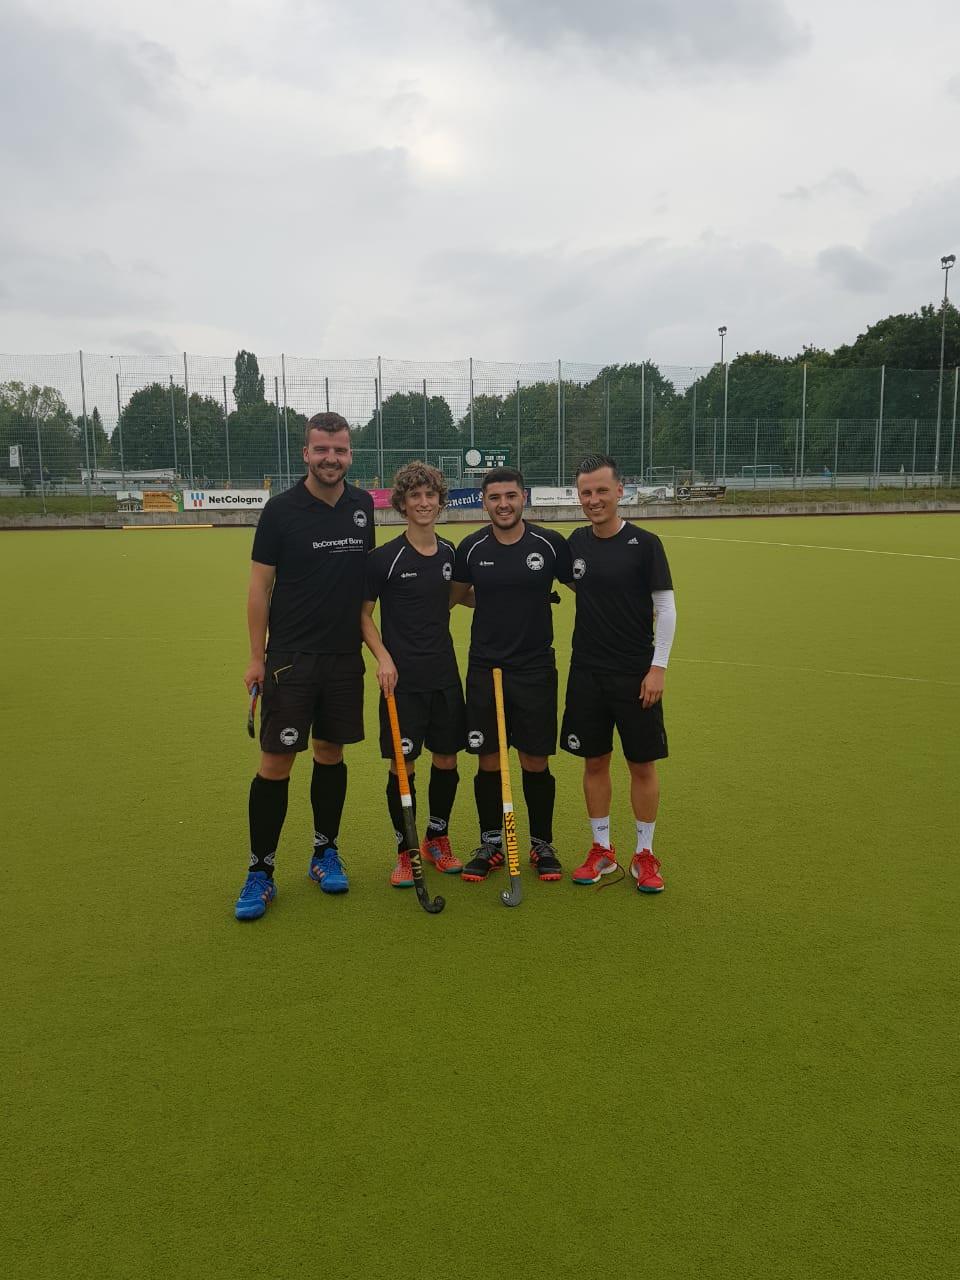 Ian (Mitte links) und Manuel spielten bei den 2. Herren an der Seite von Hockeyobmann Max und Coach J-C